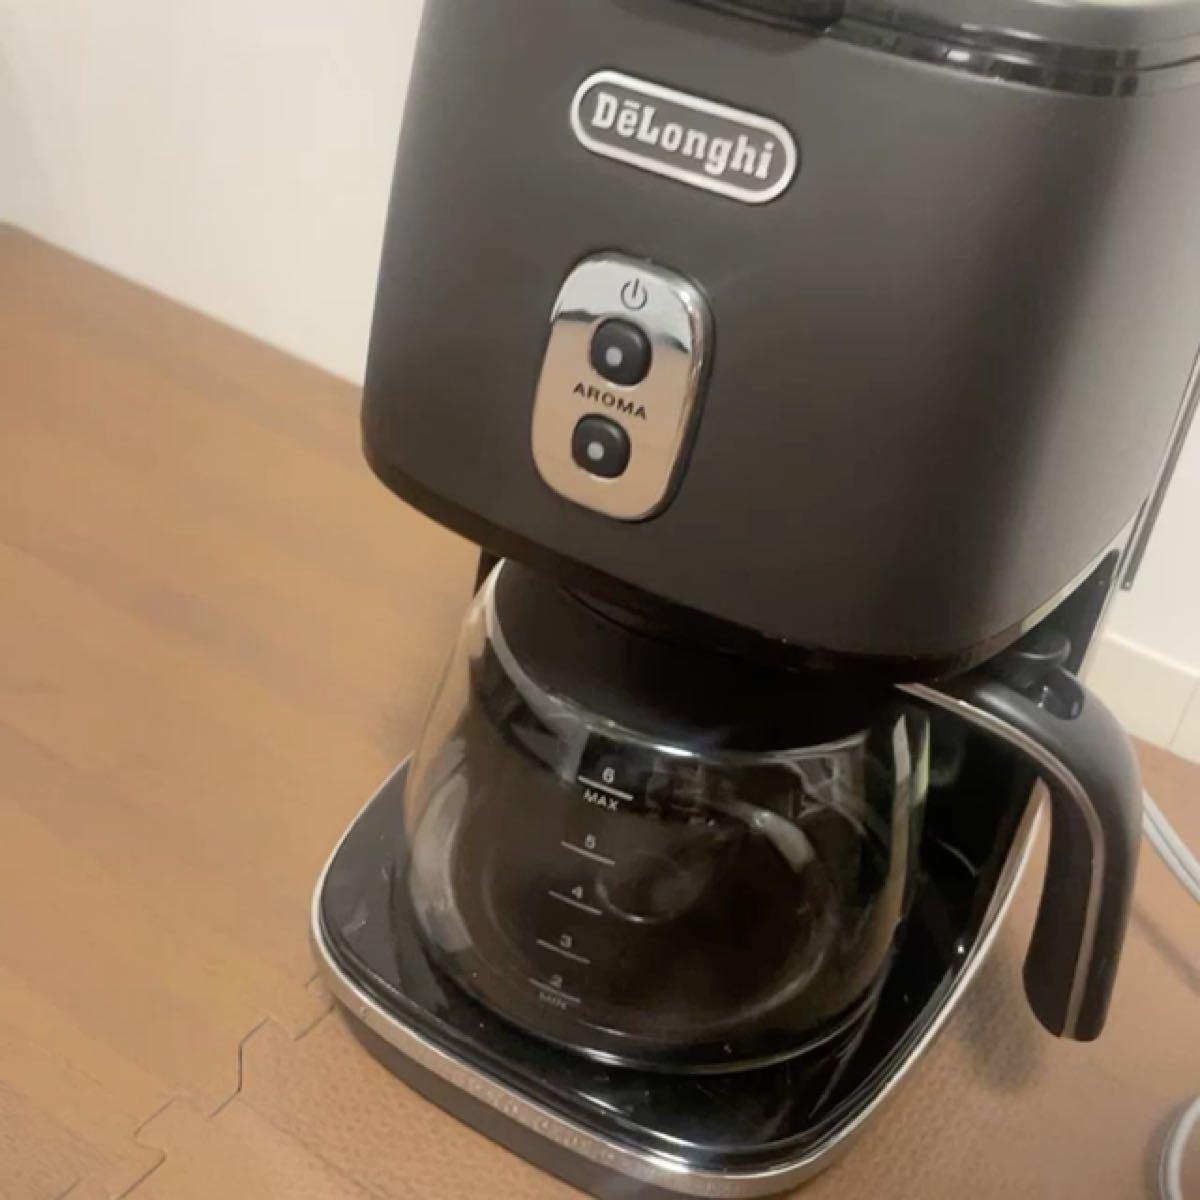 デロンギ ドリップコーヒーメーカー